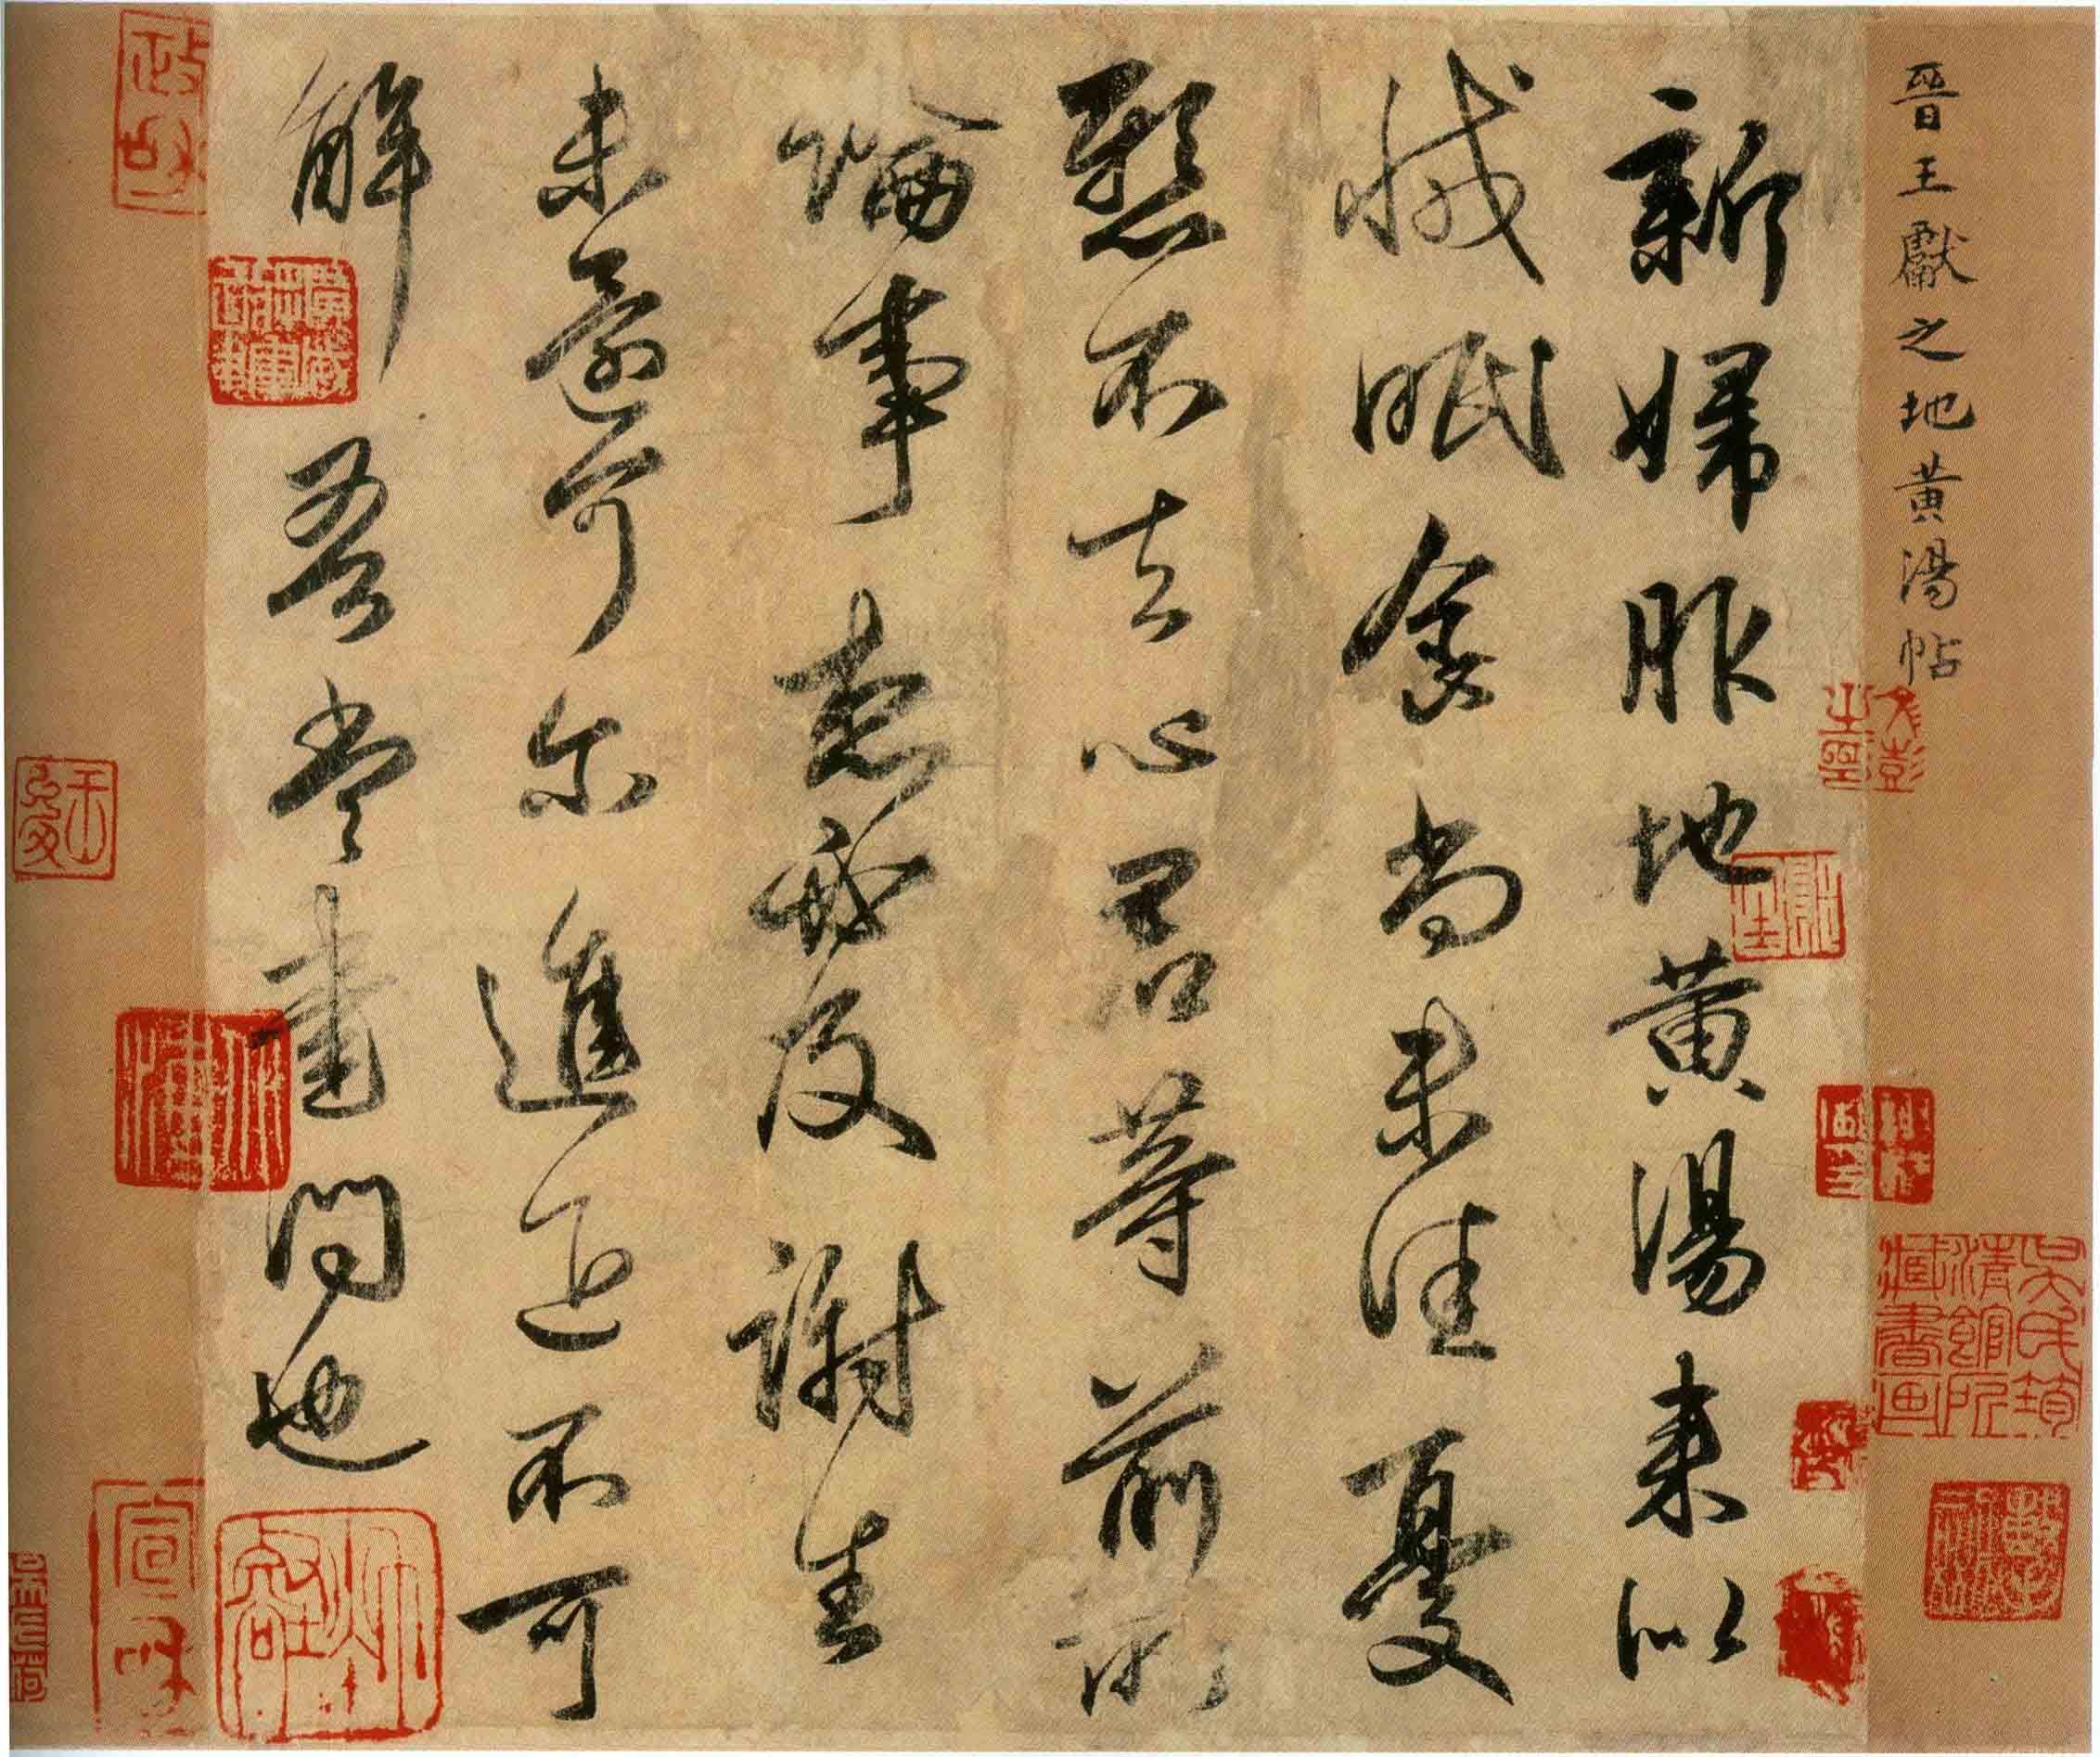 nghệ thuật calligraphy đông á